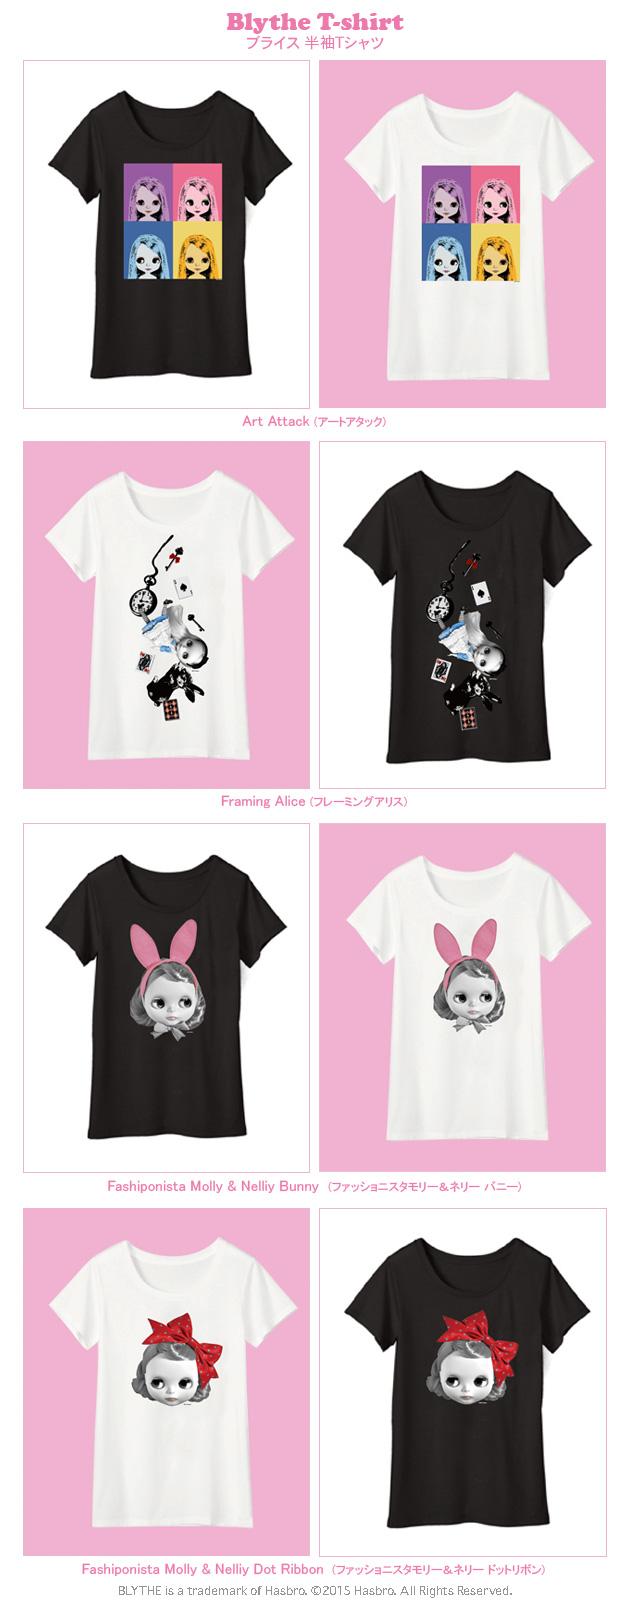 20150326_bl_t-shirt_01